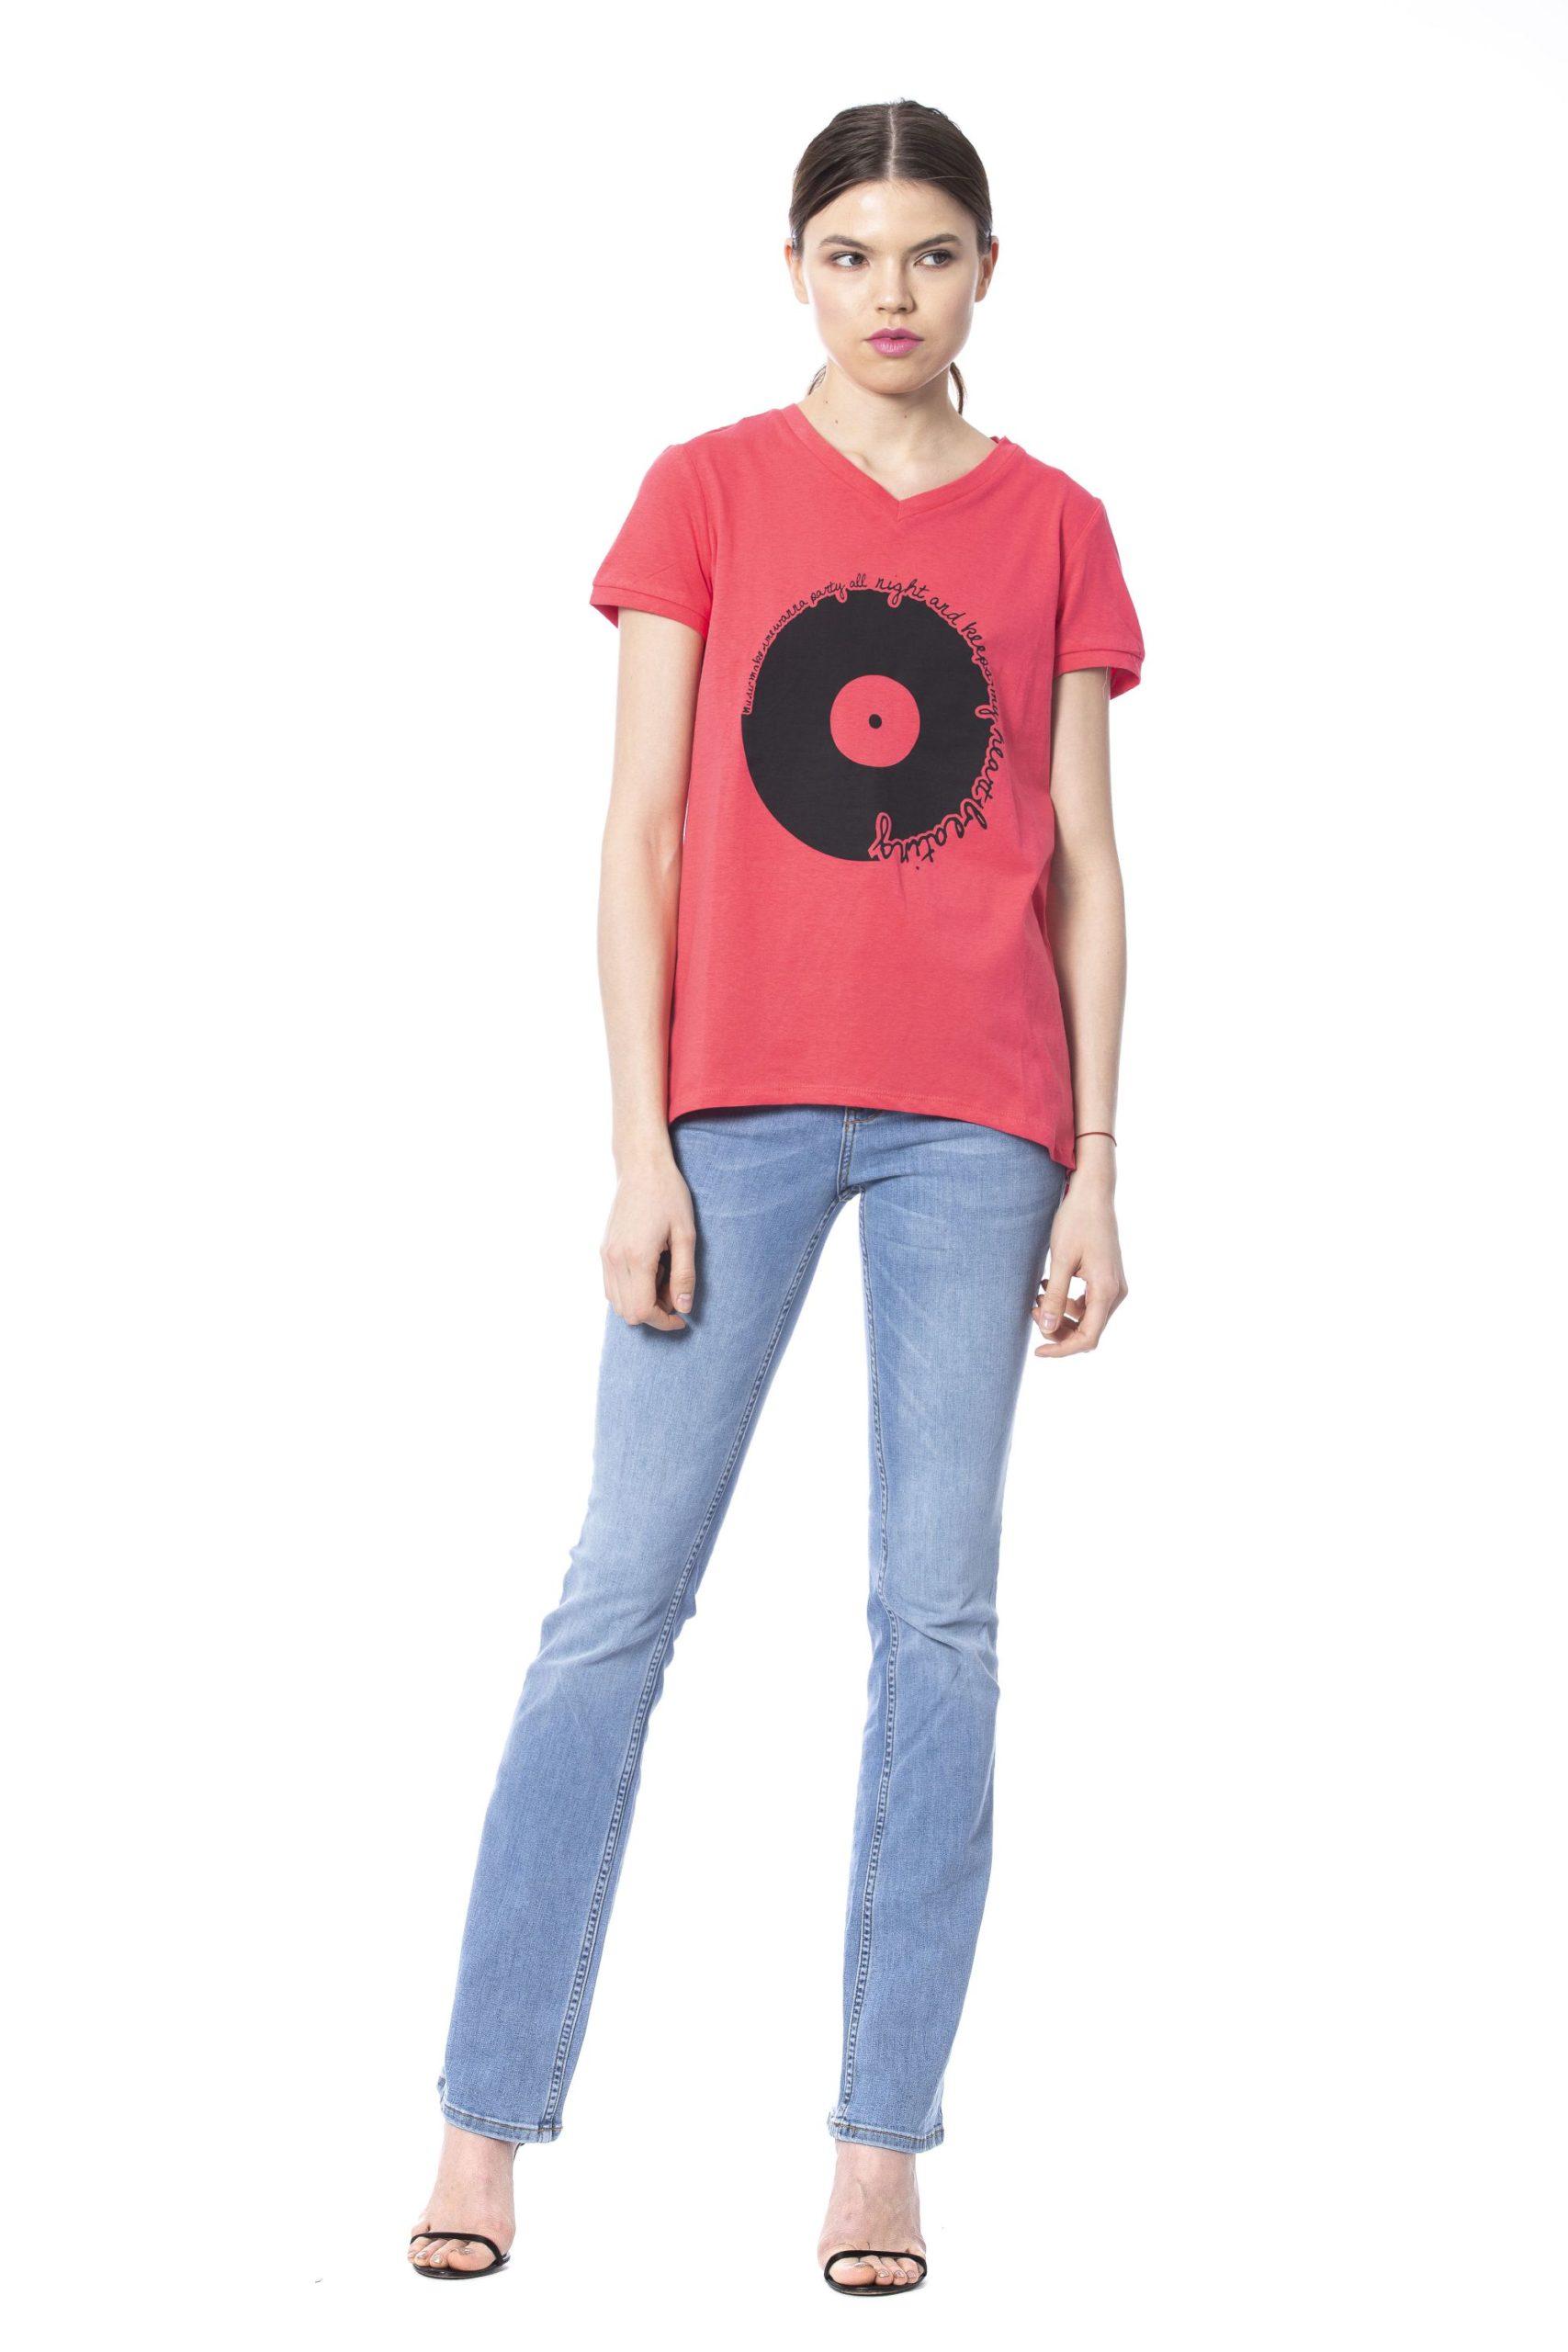 Silvian Heach Women's T-Shirt Pink SI1261288 - S